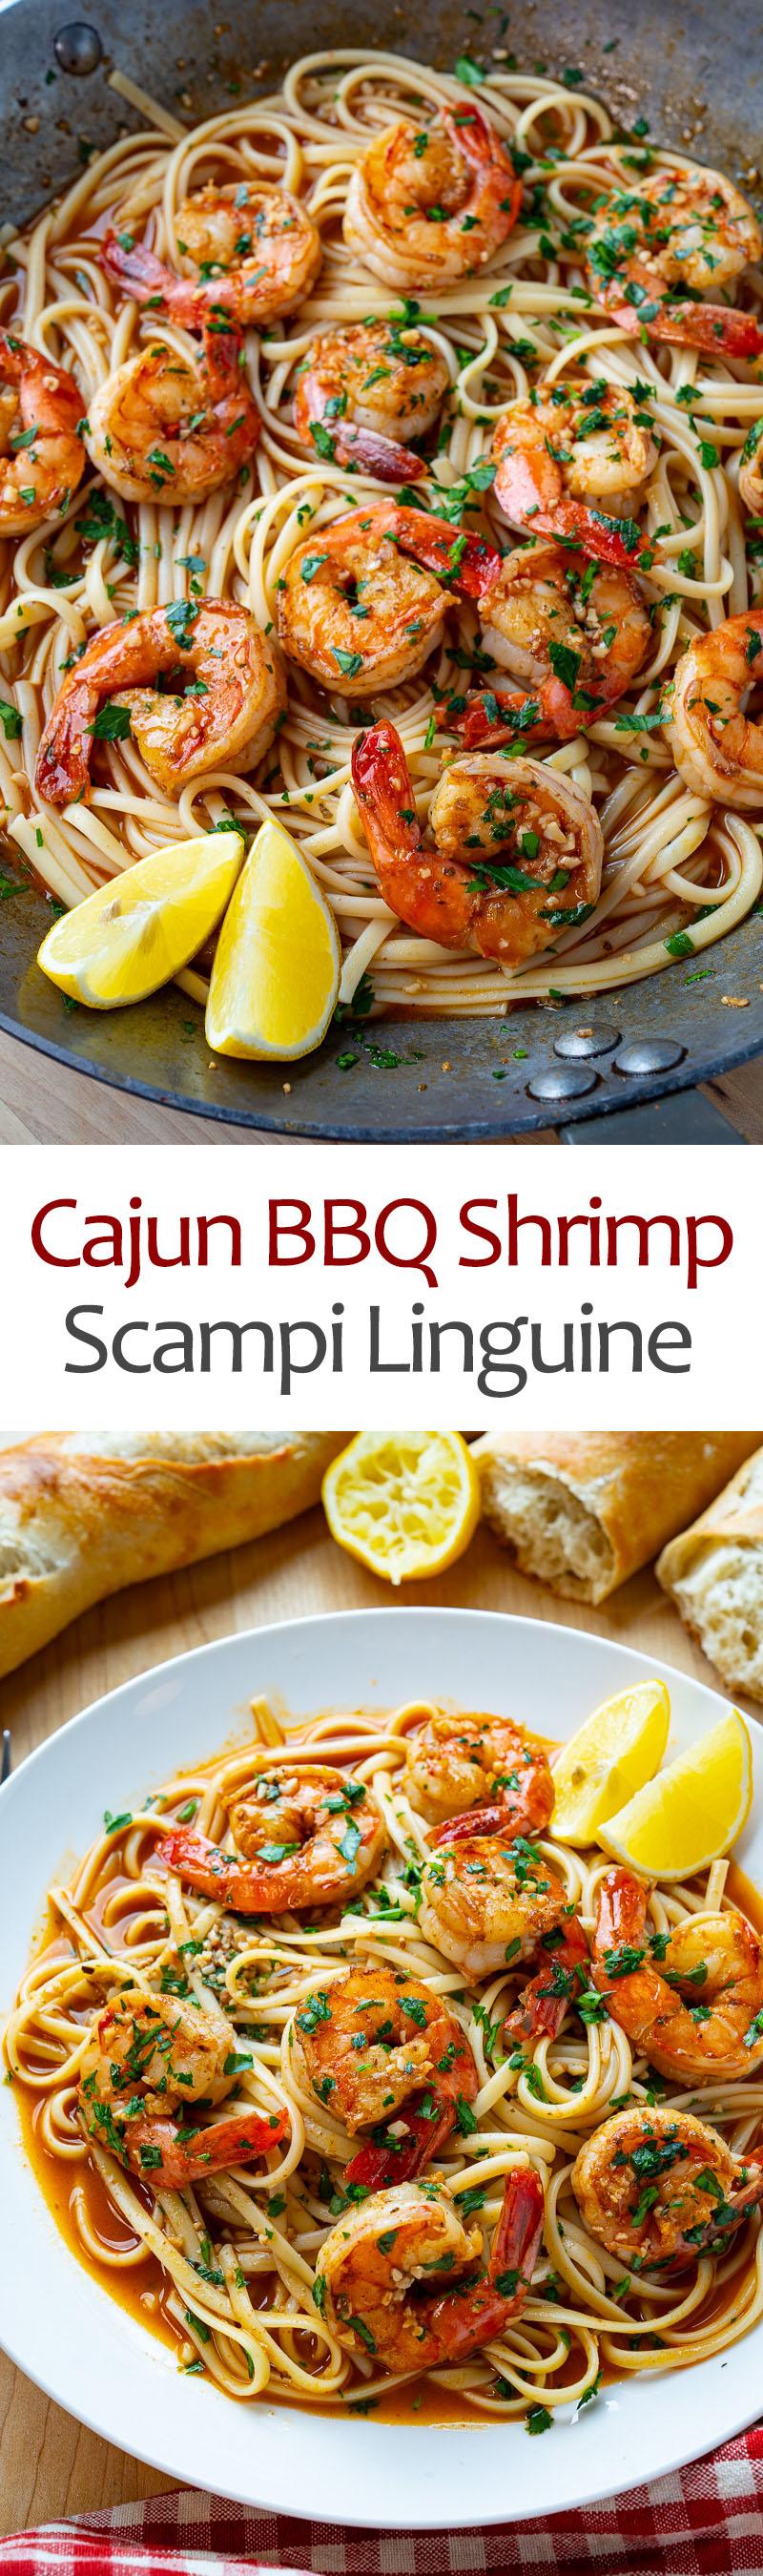 Cajun BBQ Shrimp Scampi Linguine